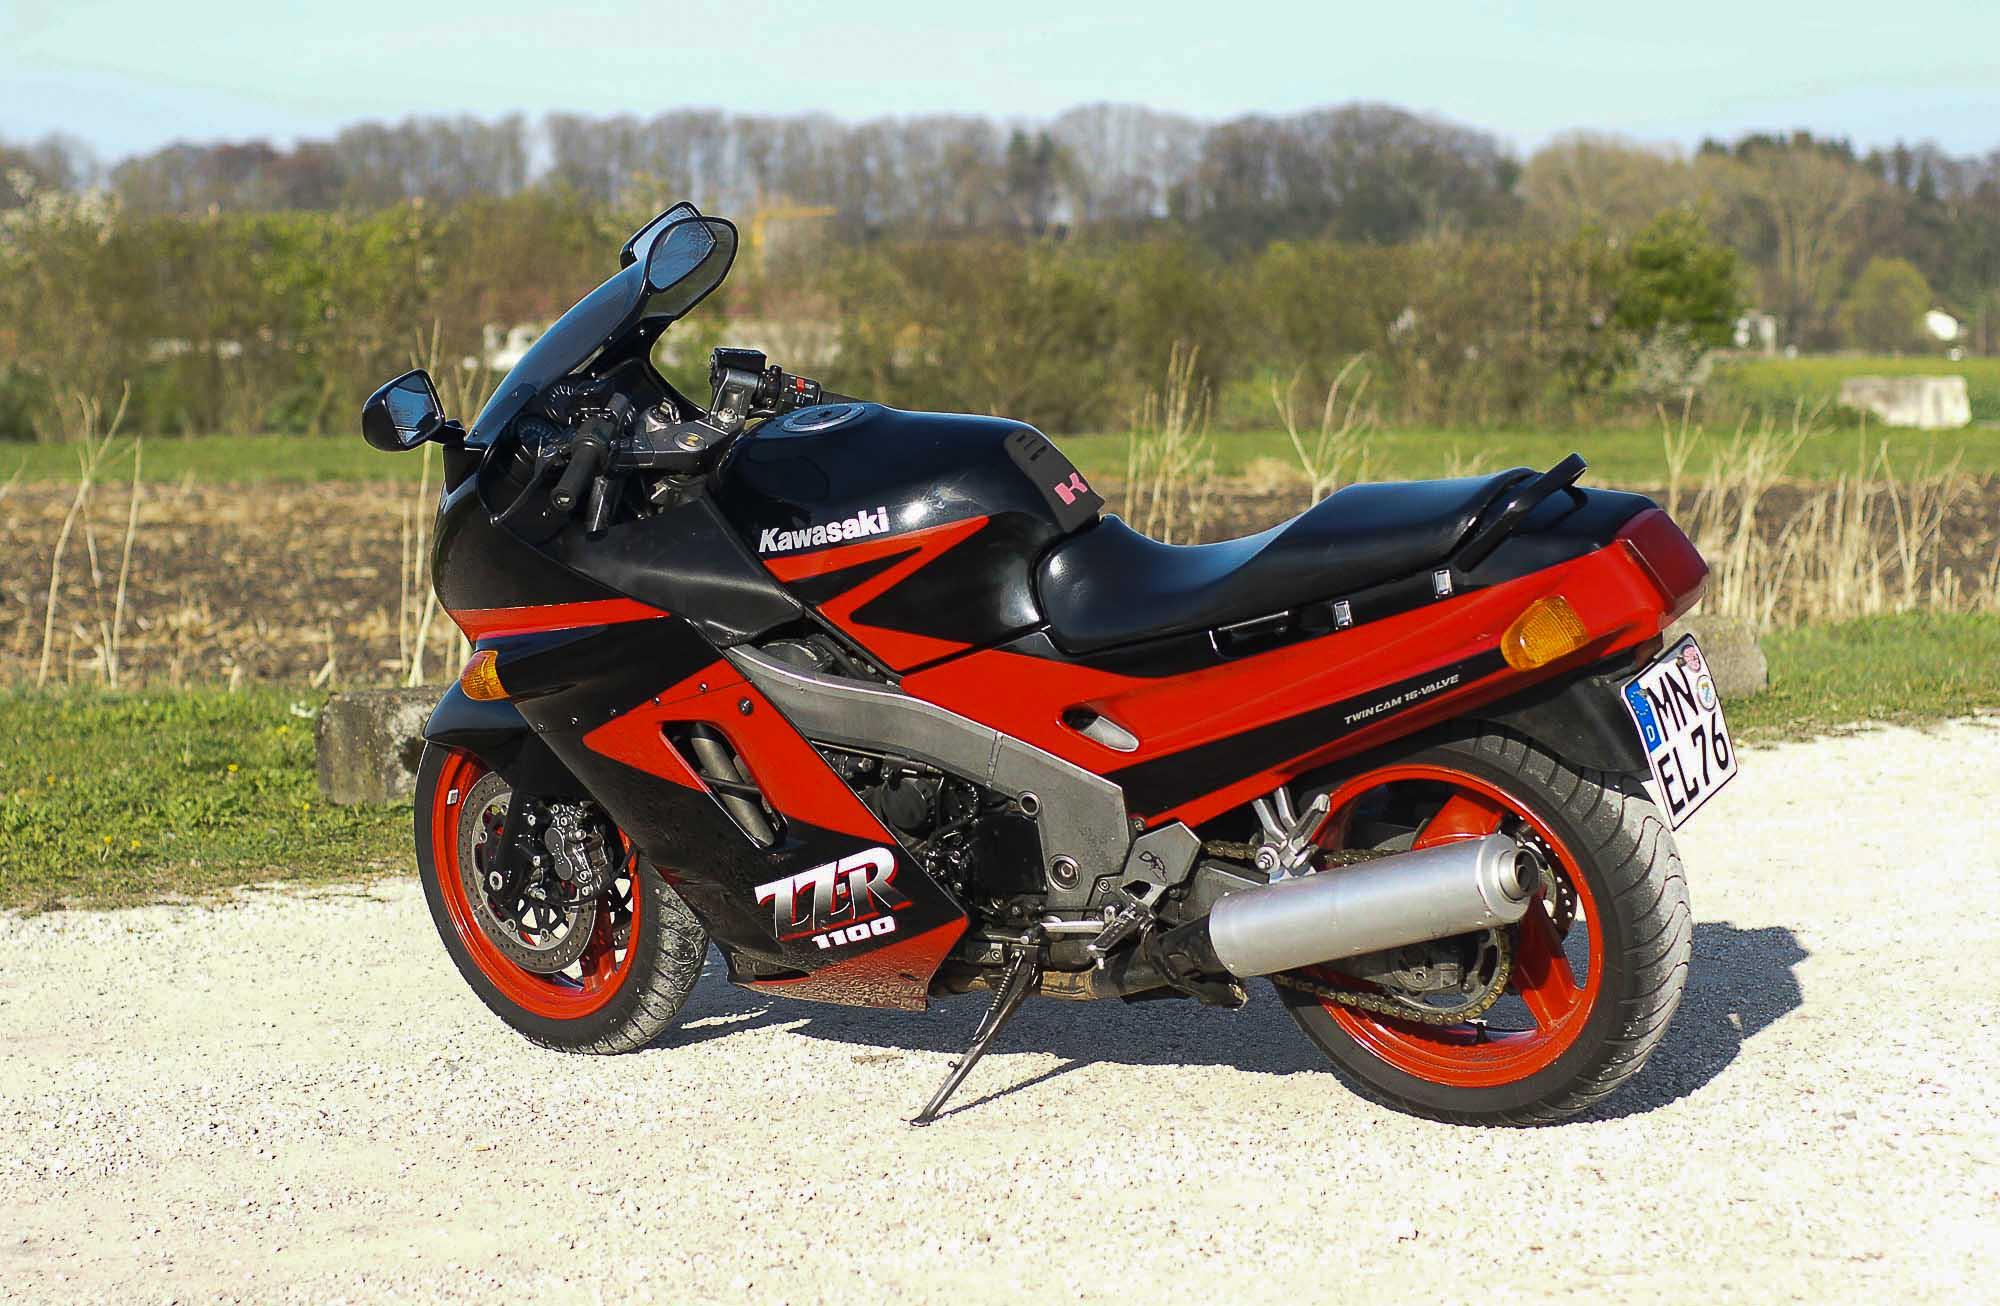 KAWASAKI ZZR 1100 (1990-2001)